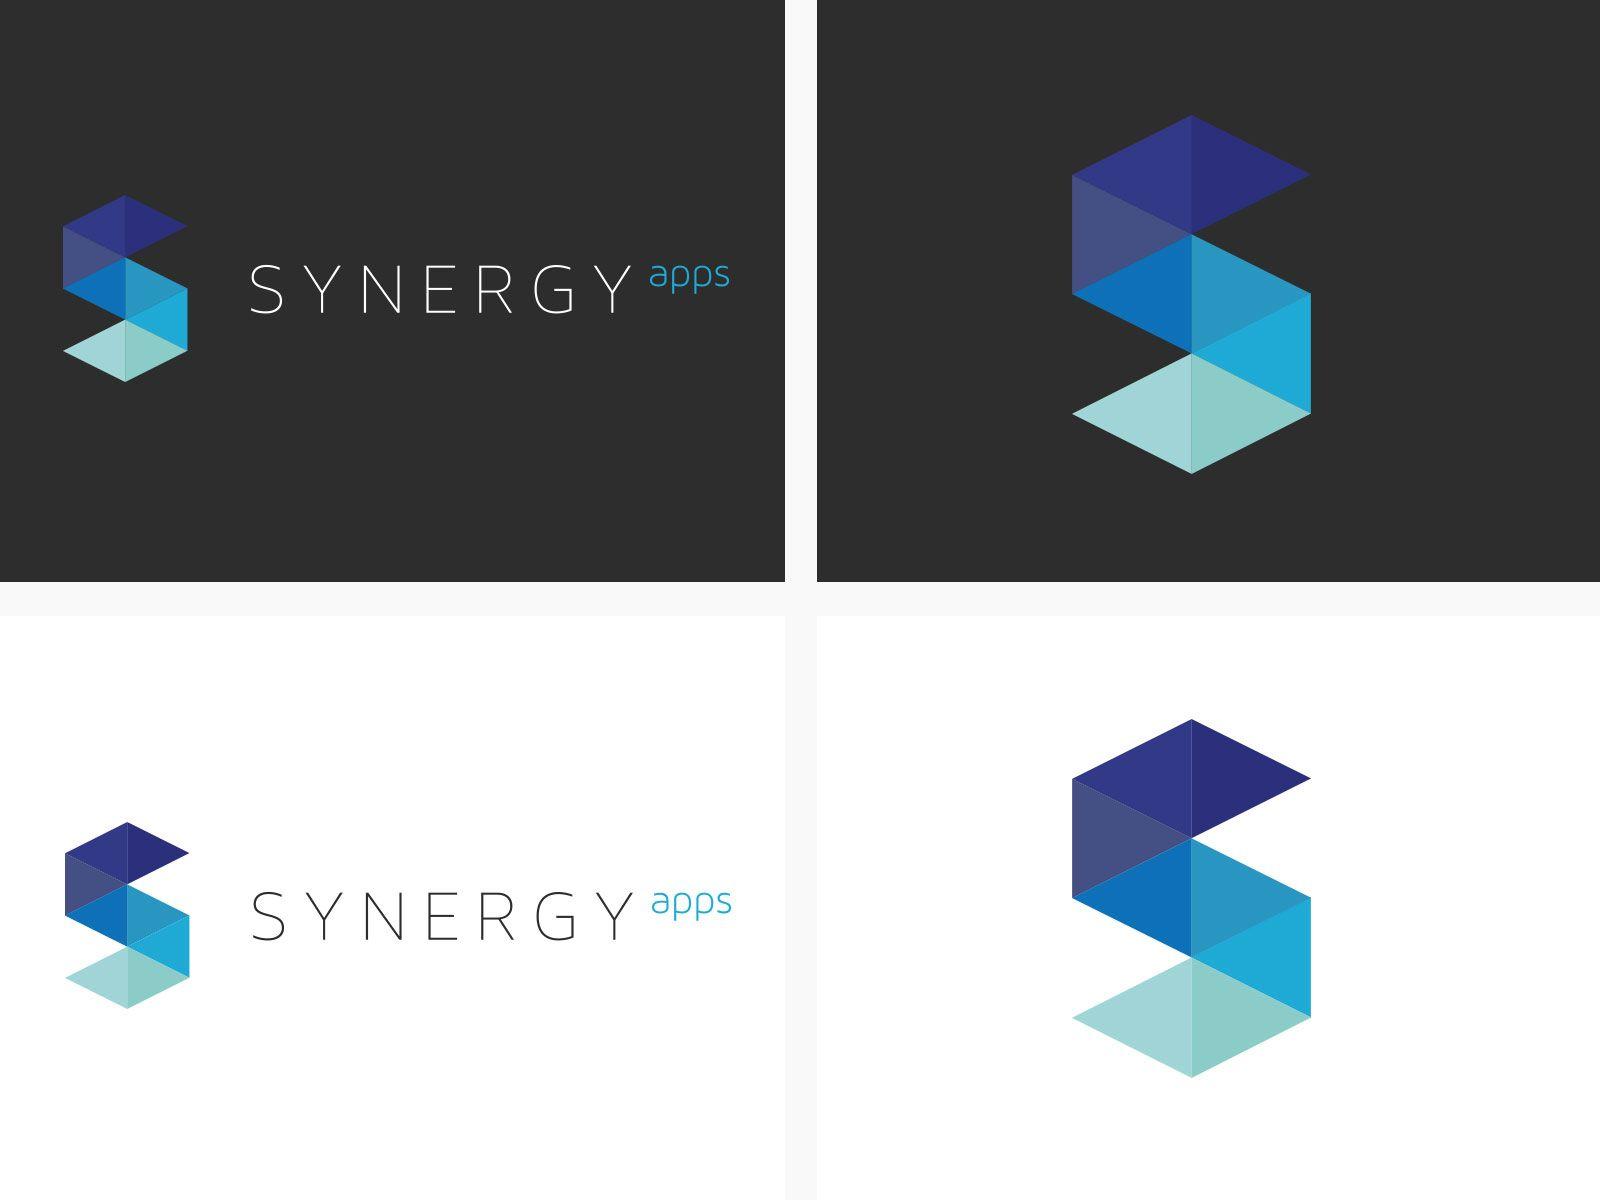 Loghi Mobili ~ Mobile software logo design synergy apps logo rocket